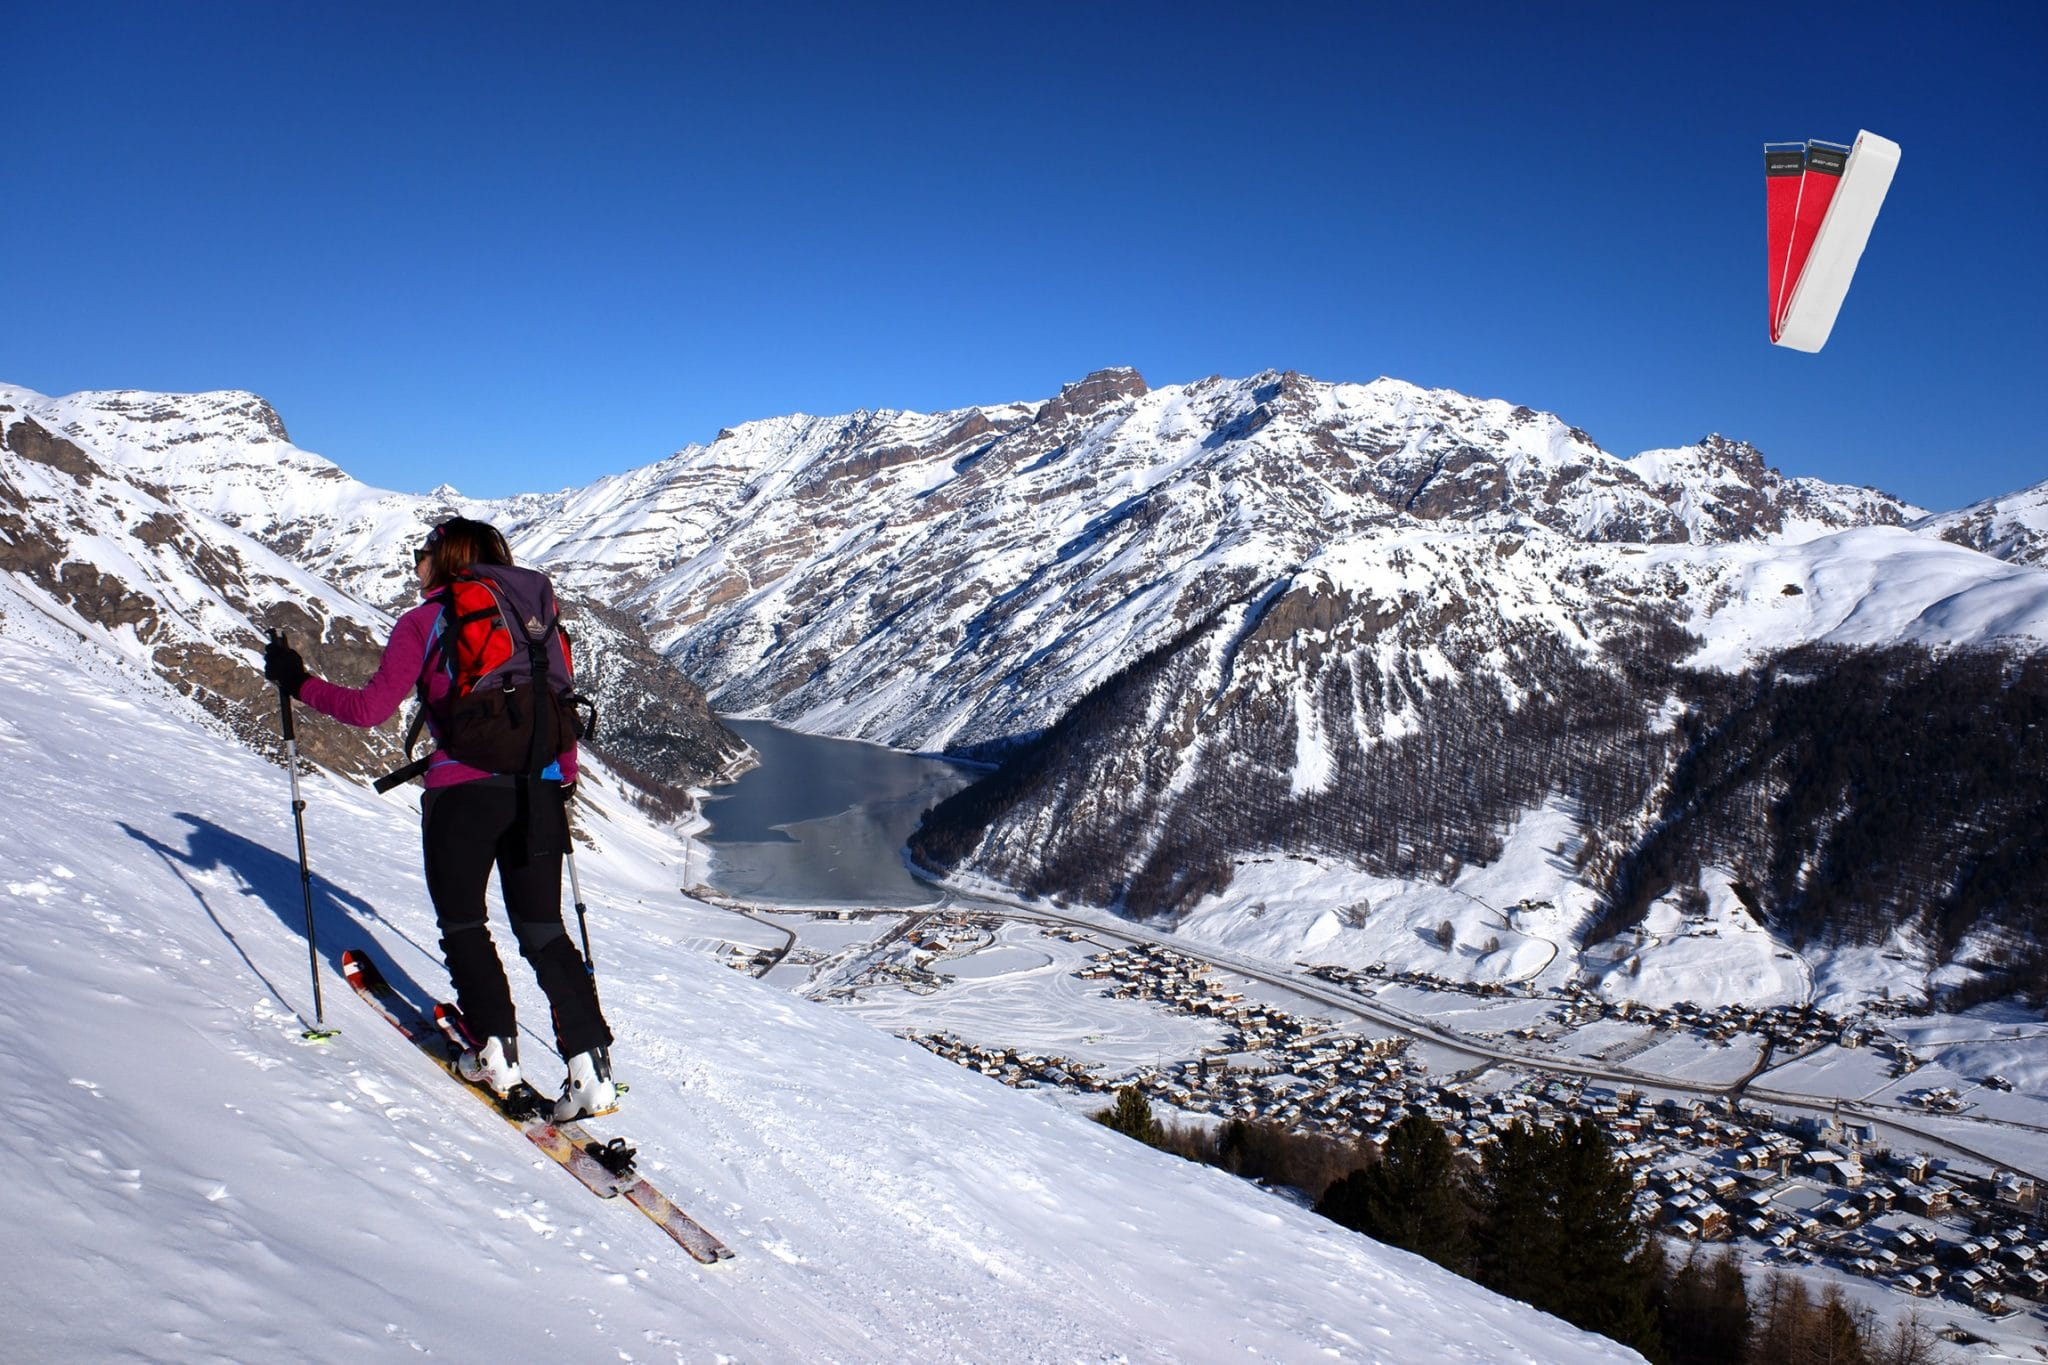 skifeller til turbruk, Bytte lim på skifellene, Vedlikehold av skifeller, Å sette på skifeller